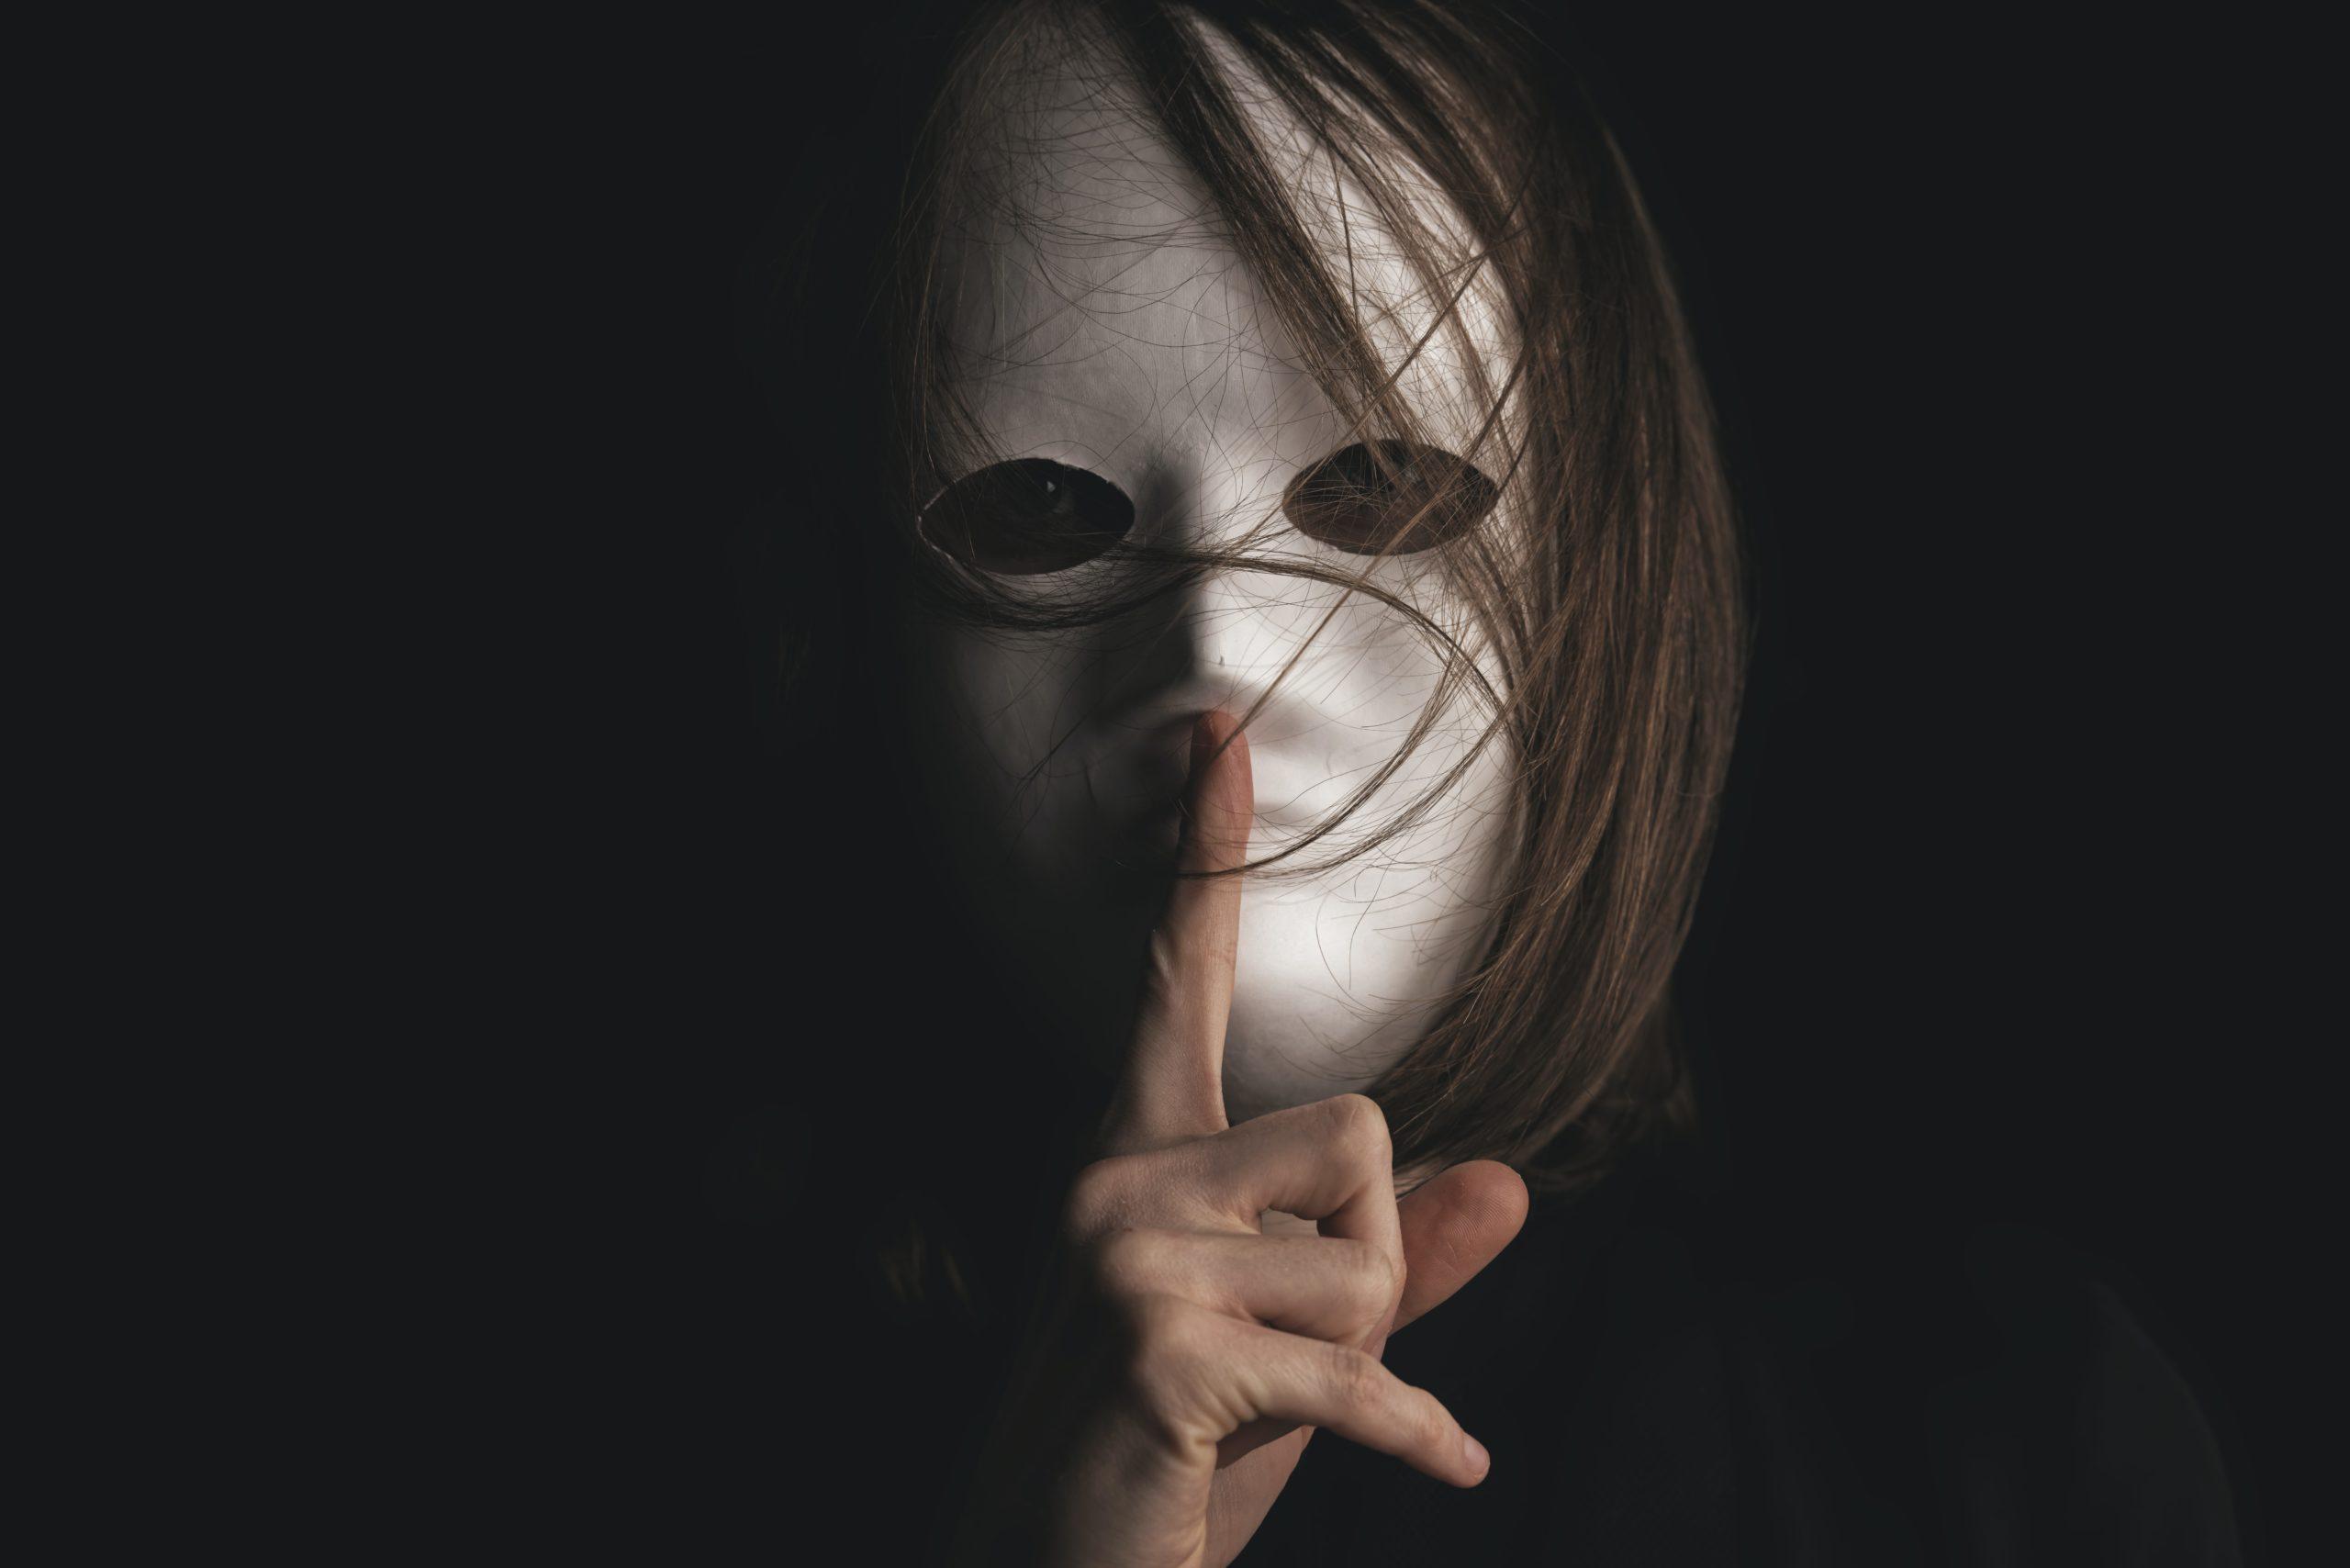 Abaixo-assinado contra a censura do YouTube aos vídeos da PragerU